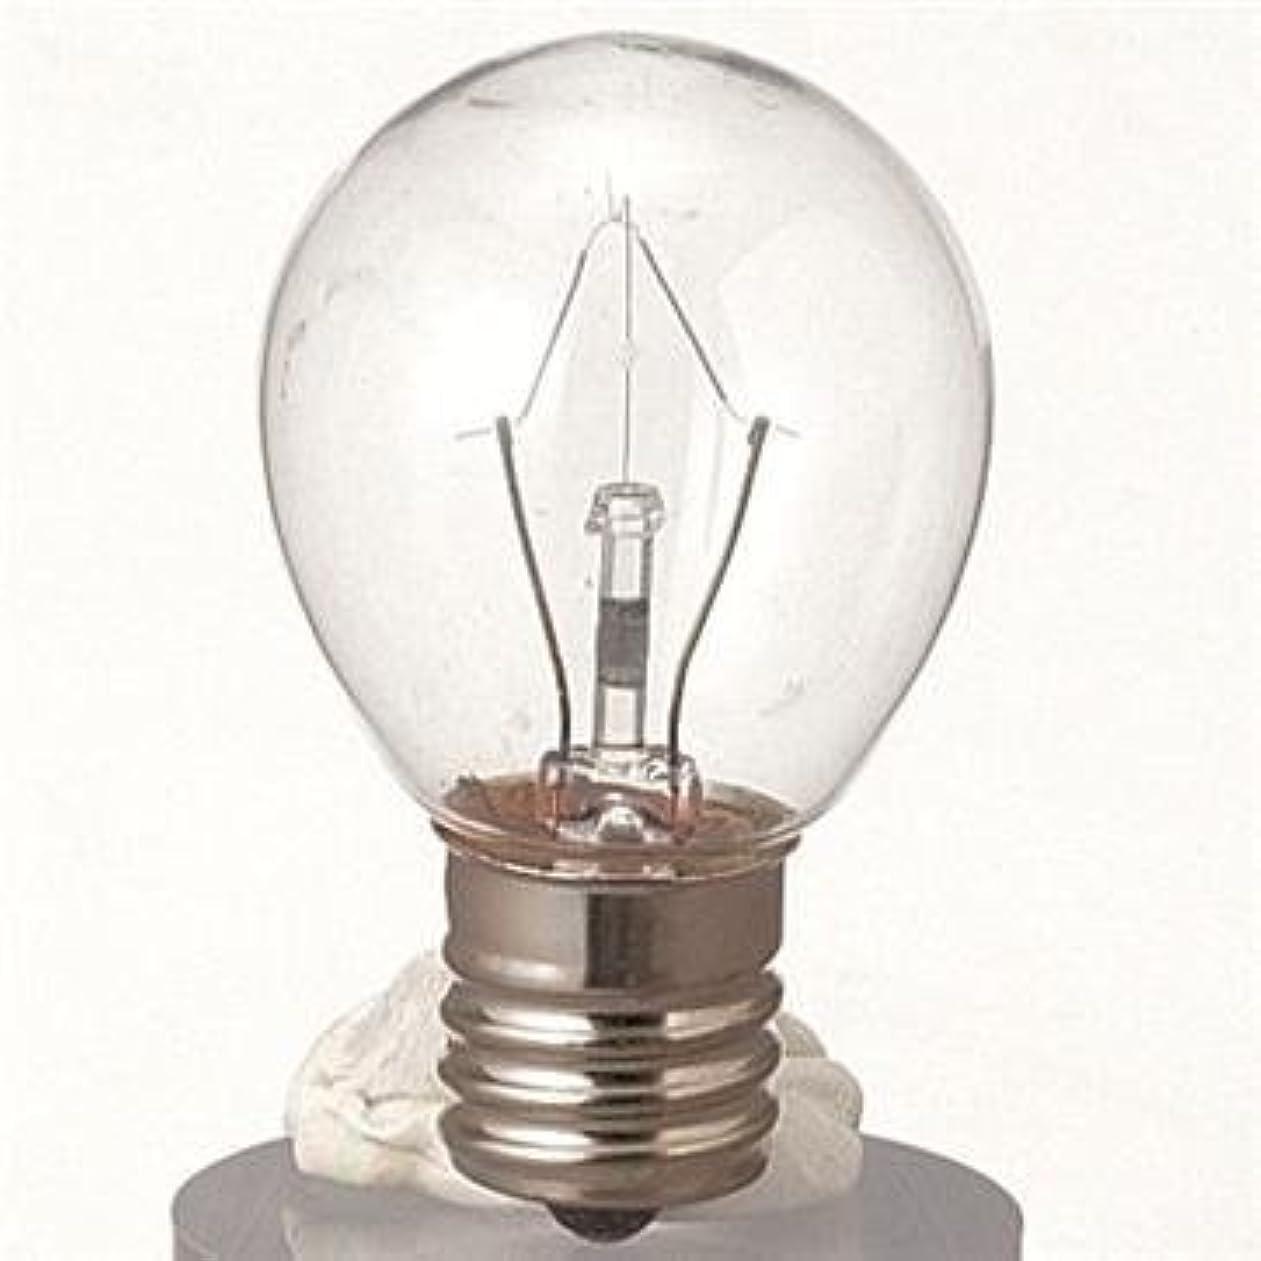 リングバック牧師複雑生活の木 アロマランプL用 電球[25W]